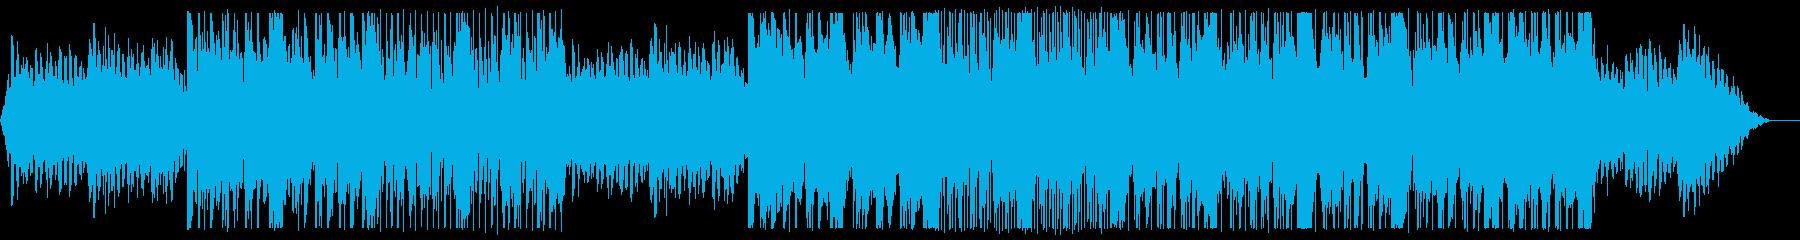 Lo-Fiなエレピが印象の曲の再生済みの波形